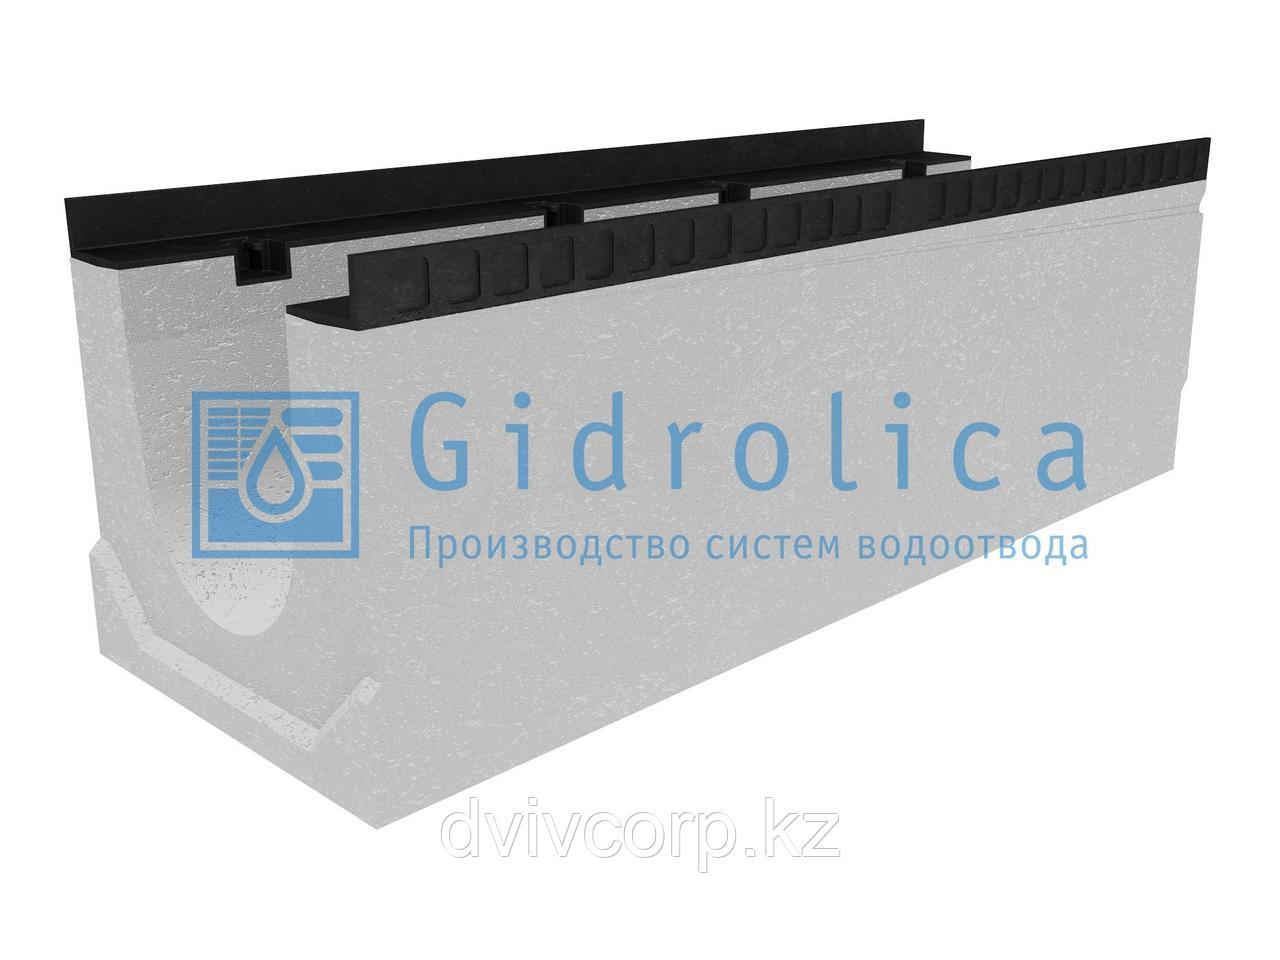 Лоток водоотводный бетонный коробчатый (СО-200мм), с уклоном 0,5%  КUу 100.34(20).33,5(26,5) - BGМ, № 5